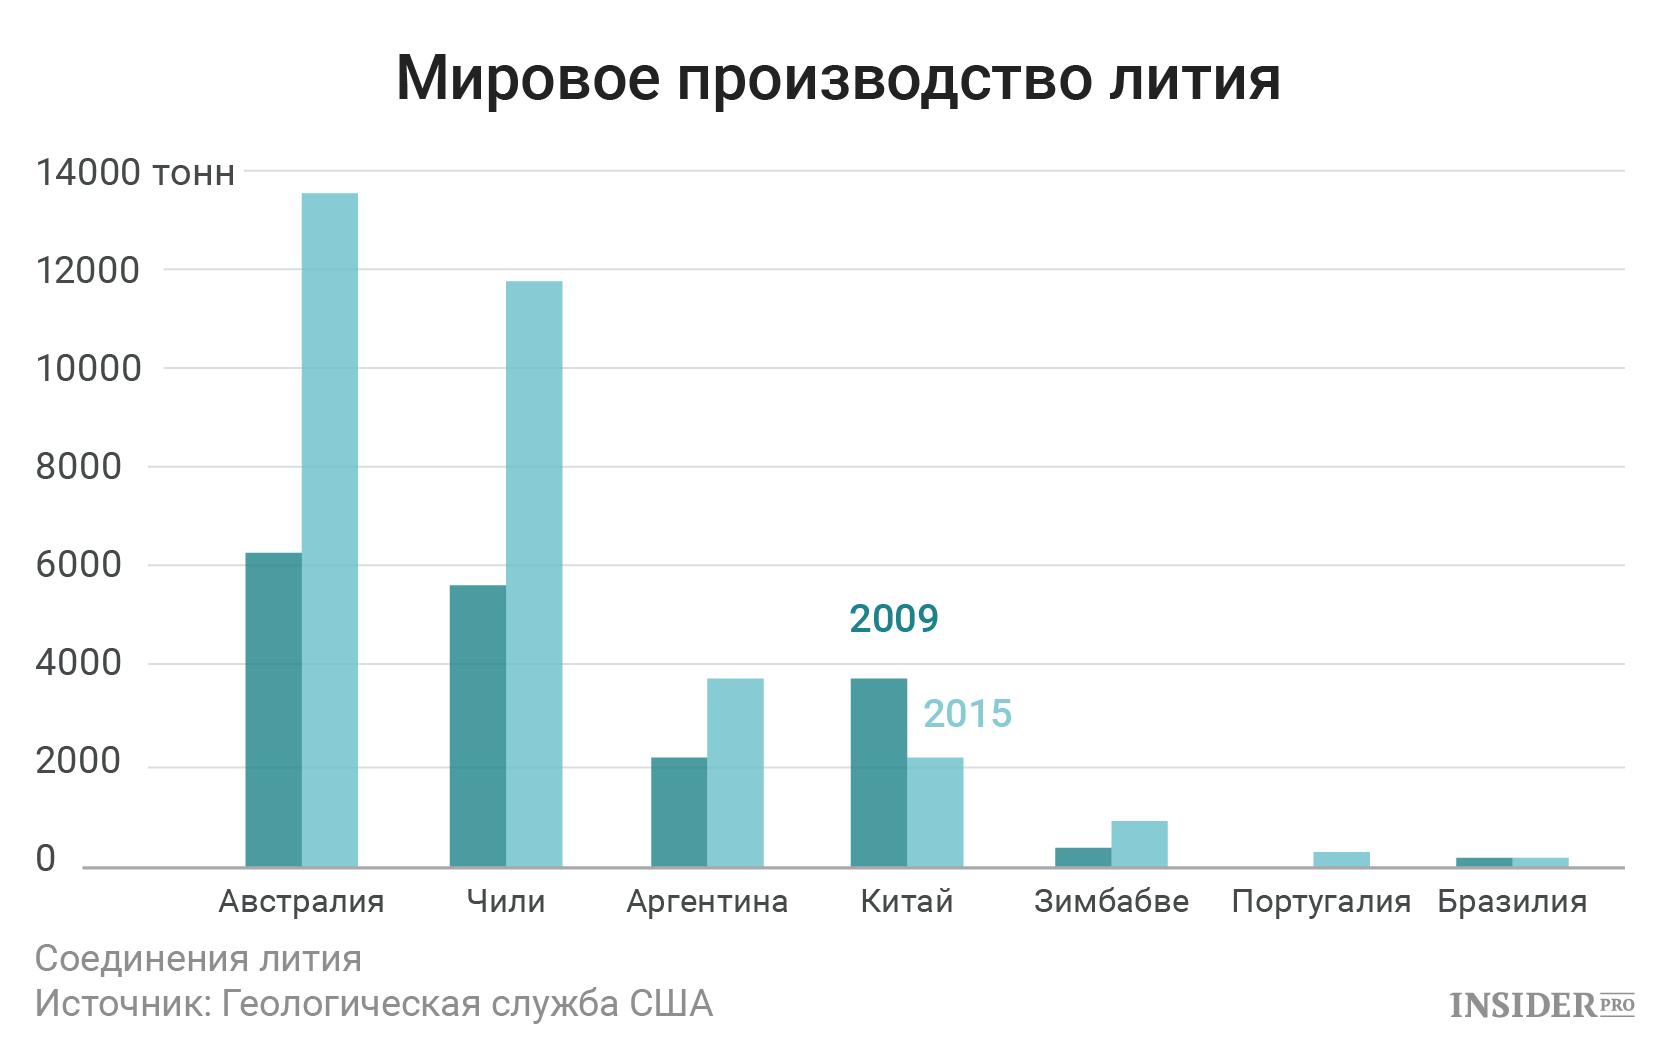 Мировое производство лития